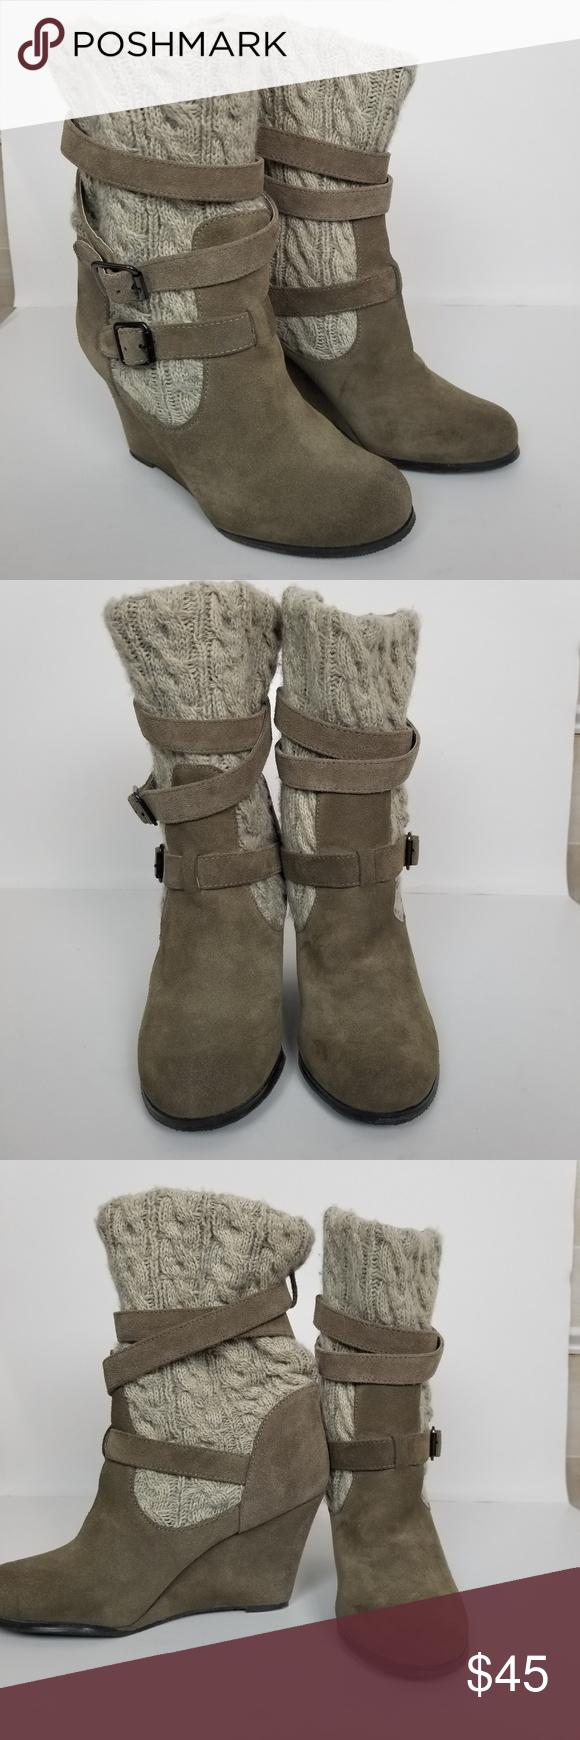 d5a9d2f7c4e Steve Madden P-alpine boots sz 9.5 Authentic Steve Madden tan alpine ankle  wedge boots with chunky knit sweater on calf